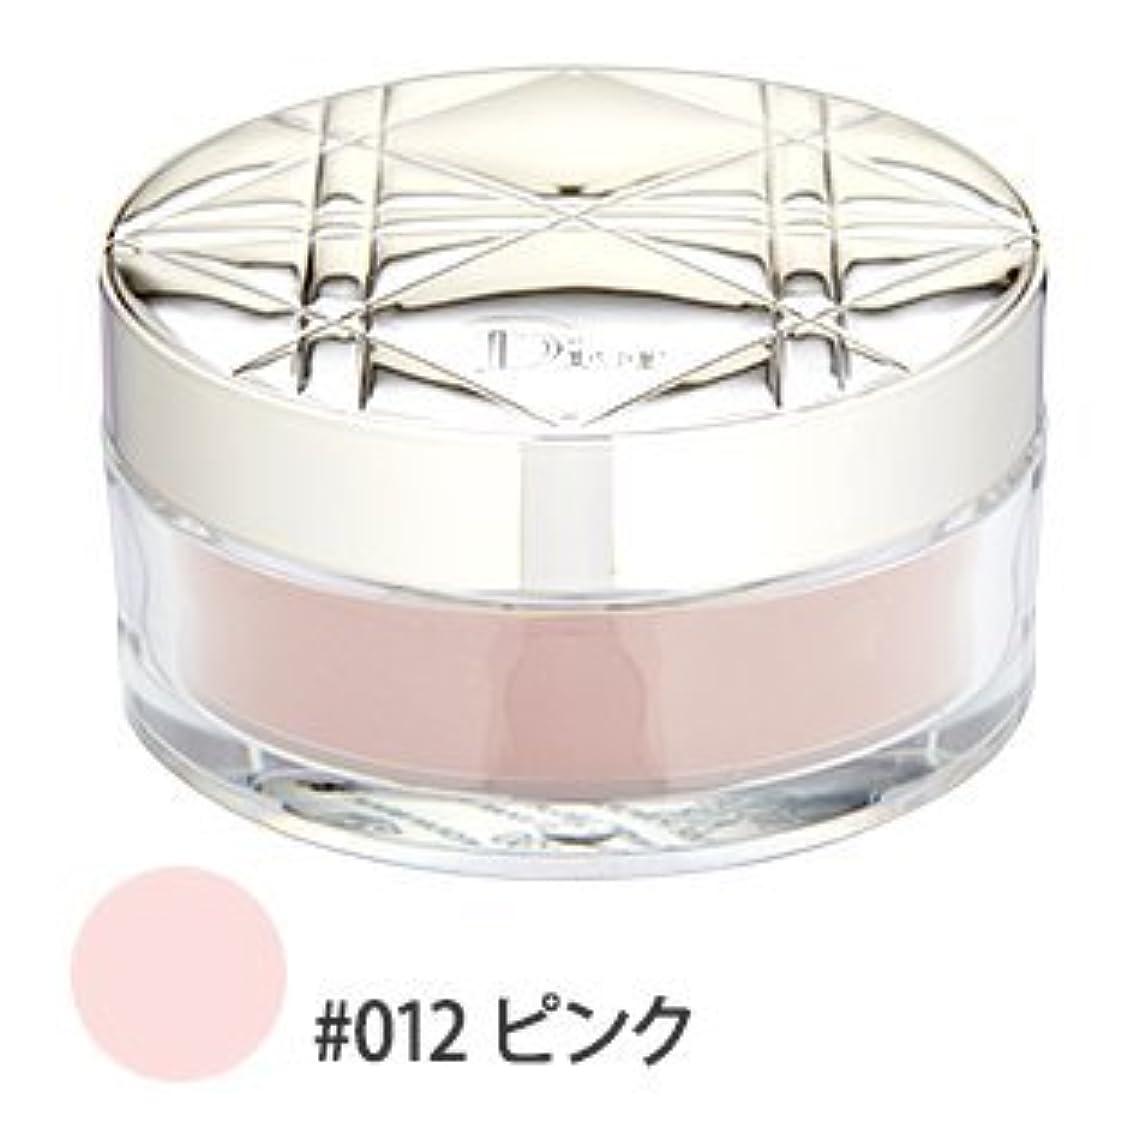 ディオール(Dior) ディオールスキン ヌード エアー ルース パウダー #012(ピンク) 25ml [並行輸入品]